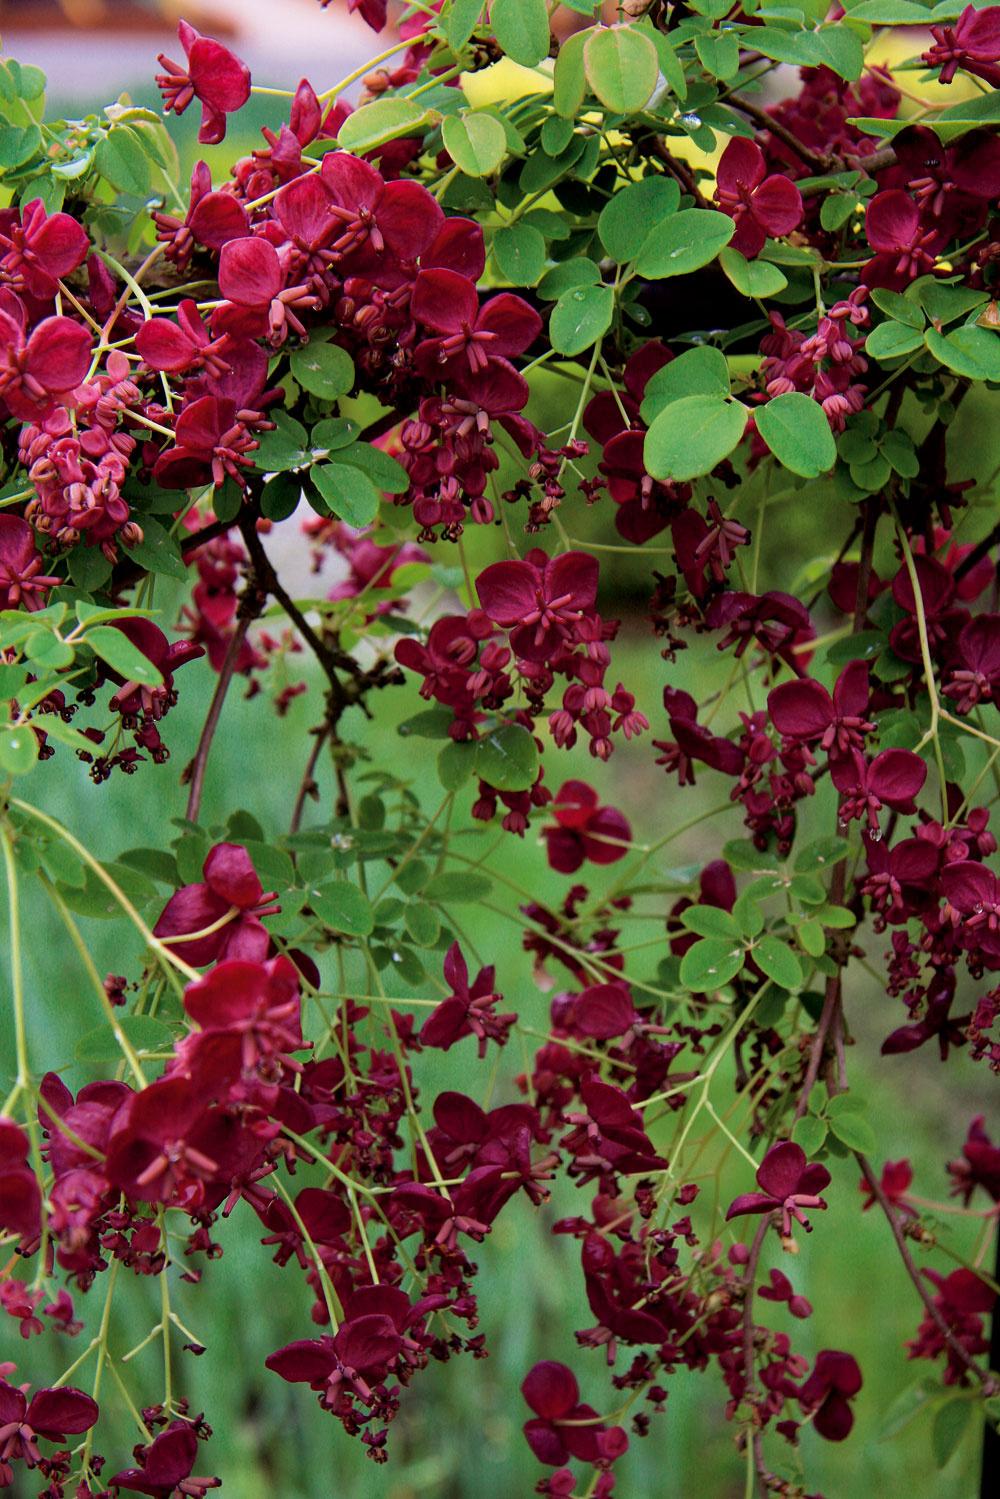 Menej známa, no prekrásne voňajúca popínavá akébia sa hodí kplotom, ktoré pomerne rýchlo zazelená. Na jar ich potom zahalí do záplavy vínovočervených kvetov.